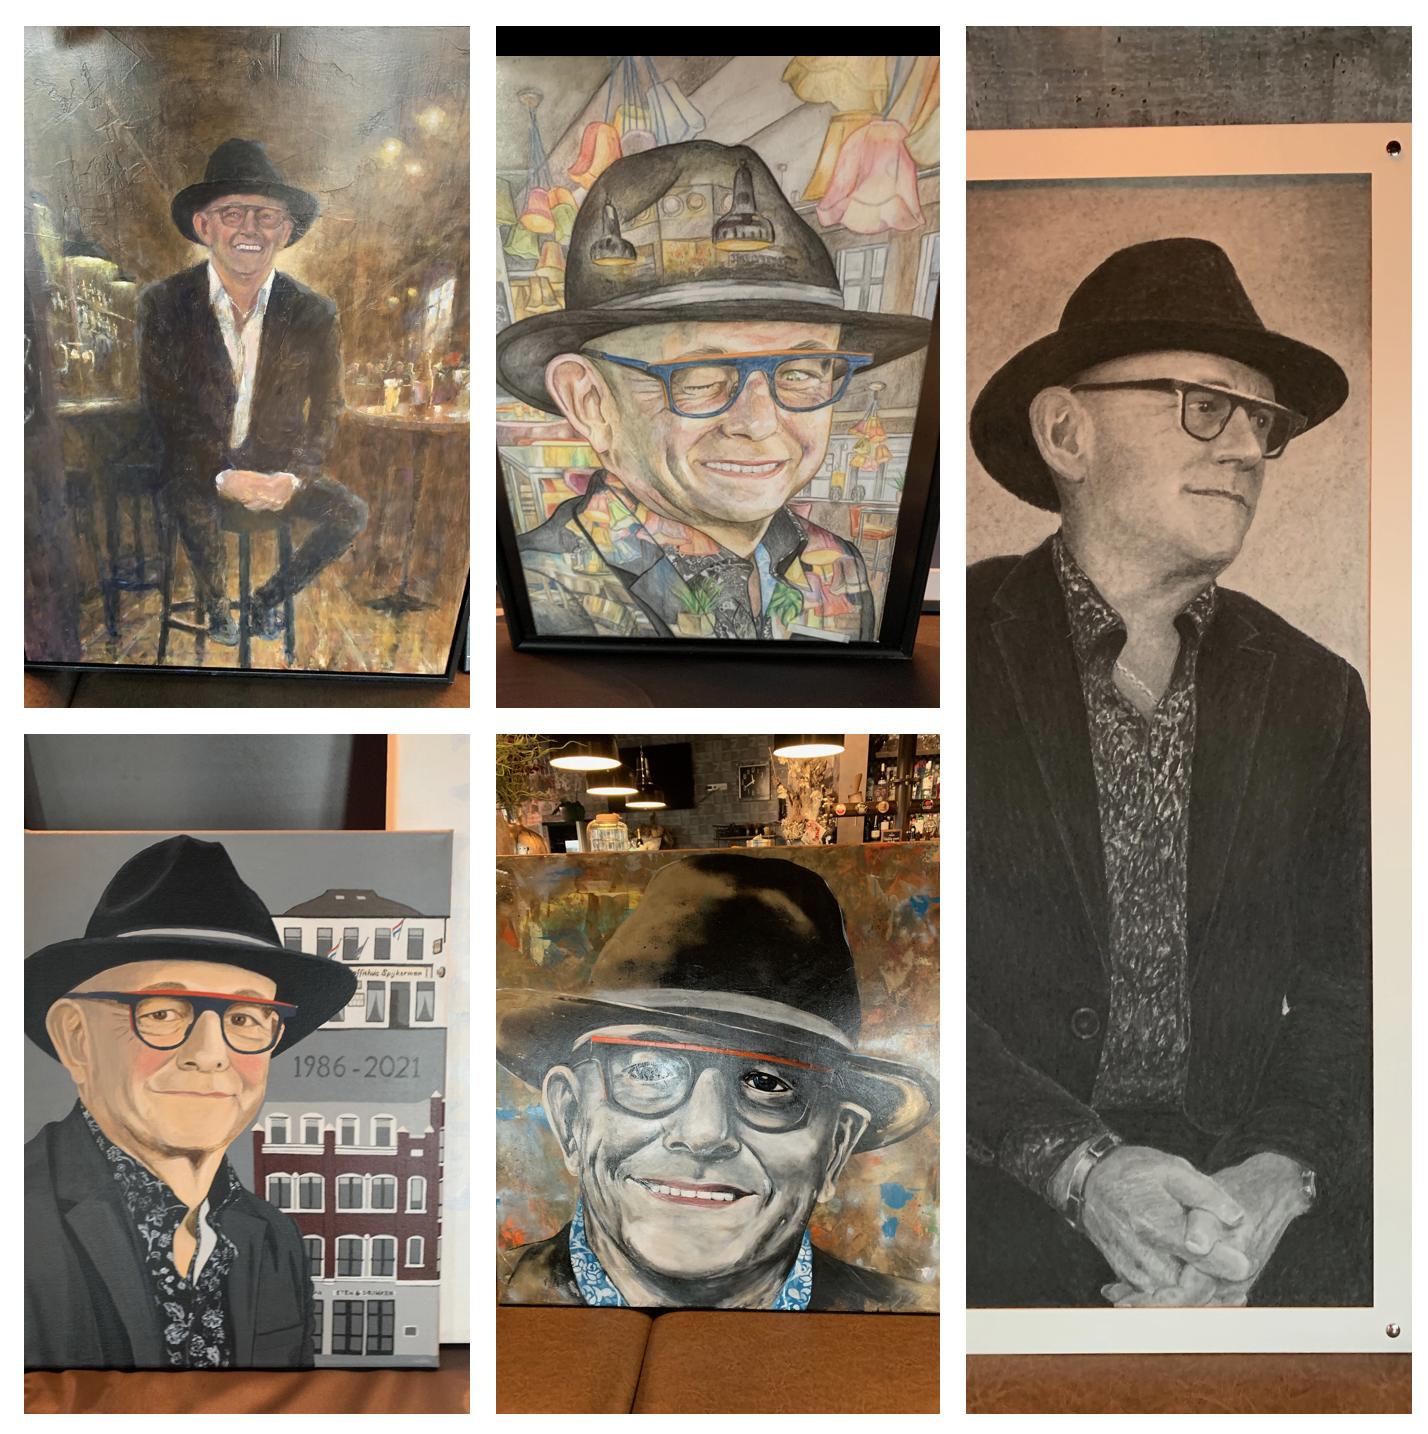 Purmerendse versie 'Sterren op het doek', restauranteigenaar Frans Spijkerman is eerste geportretteerde